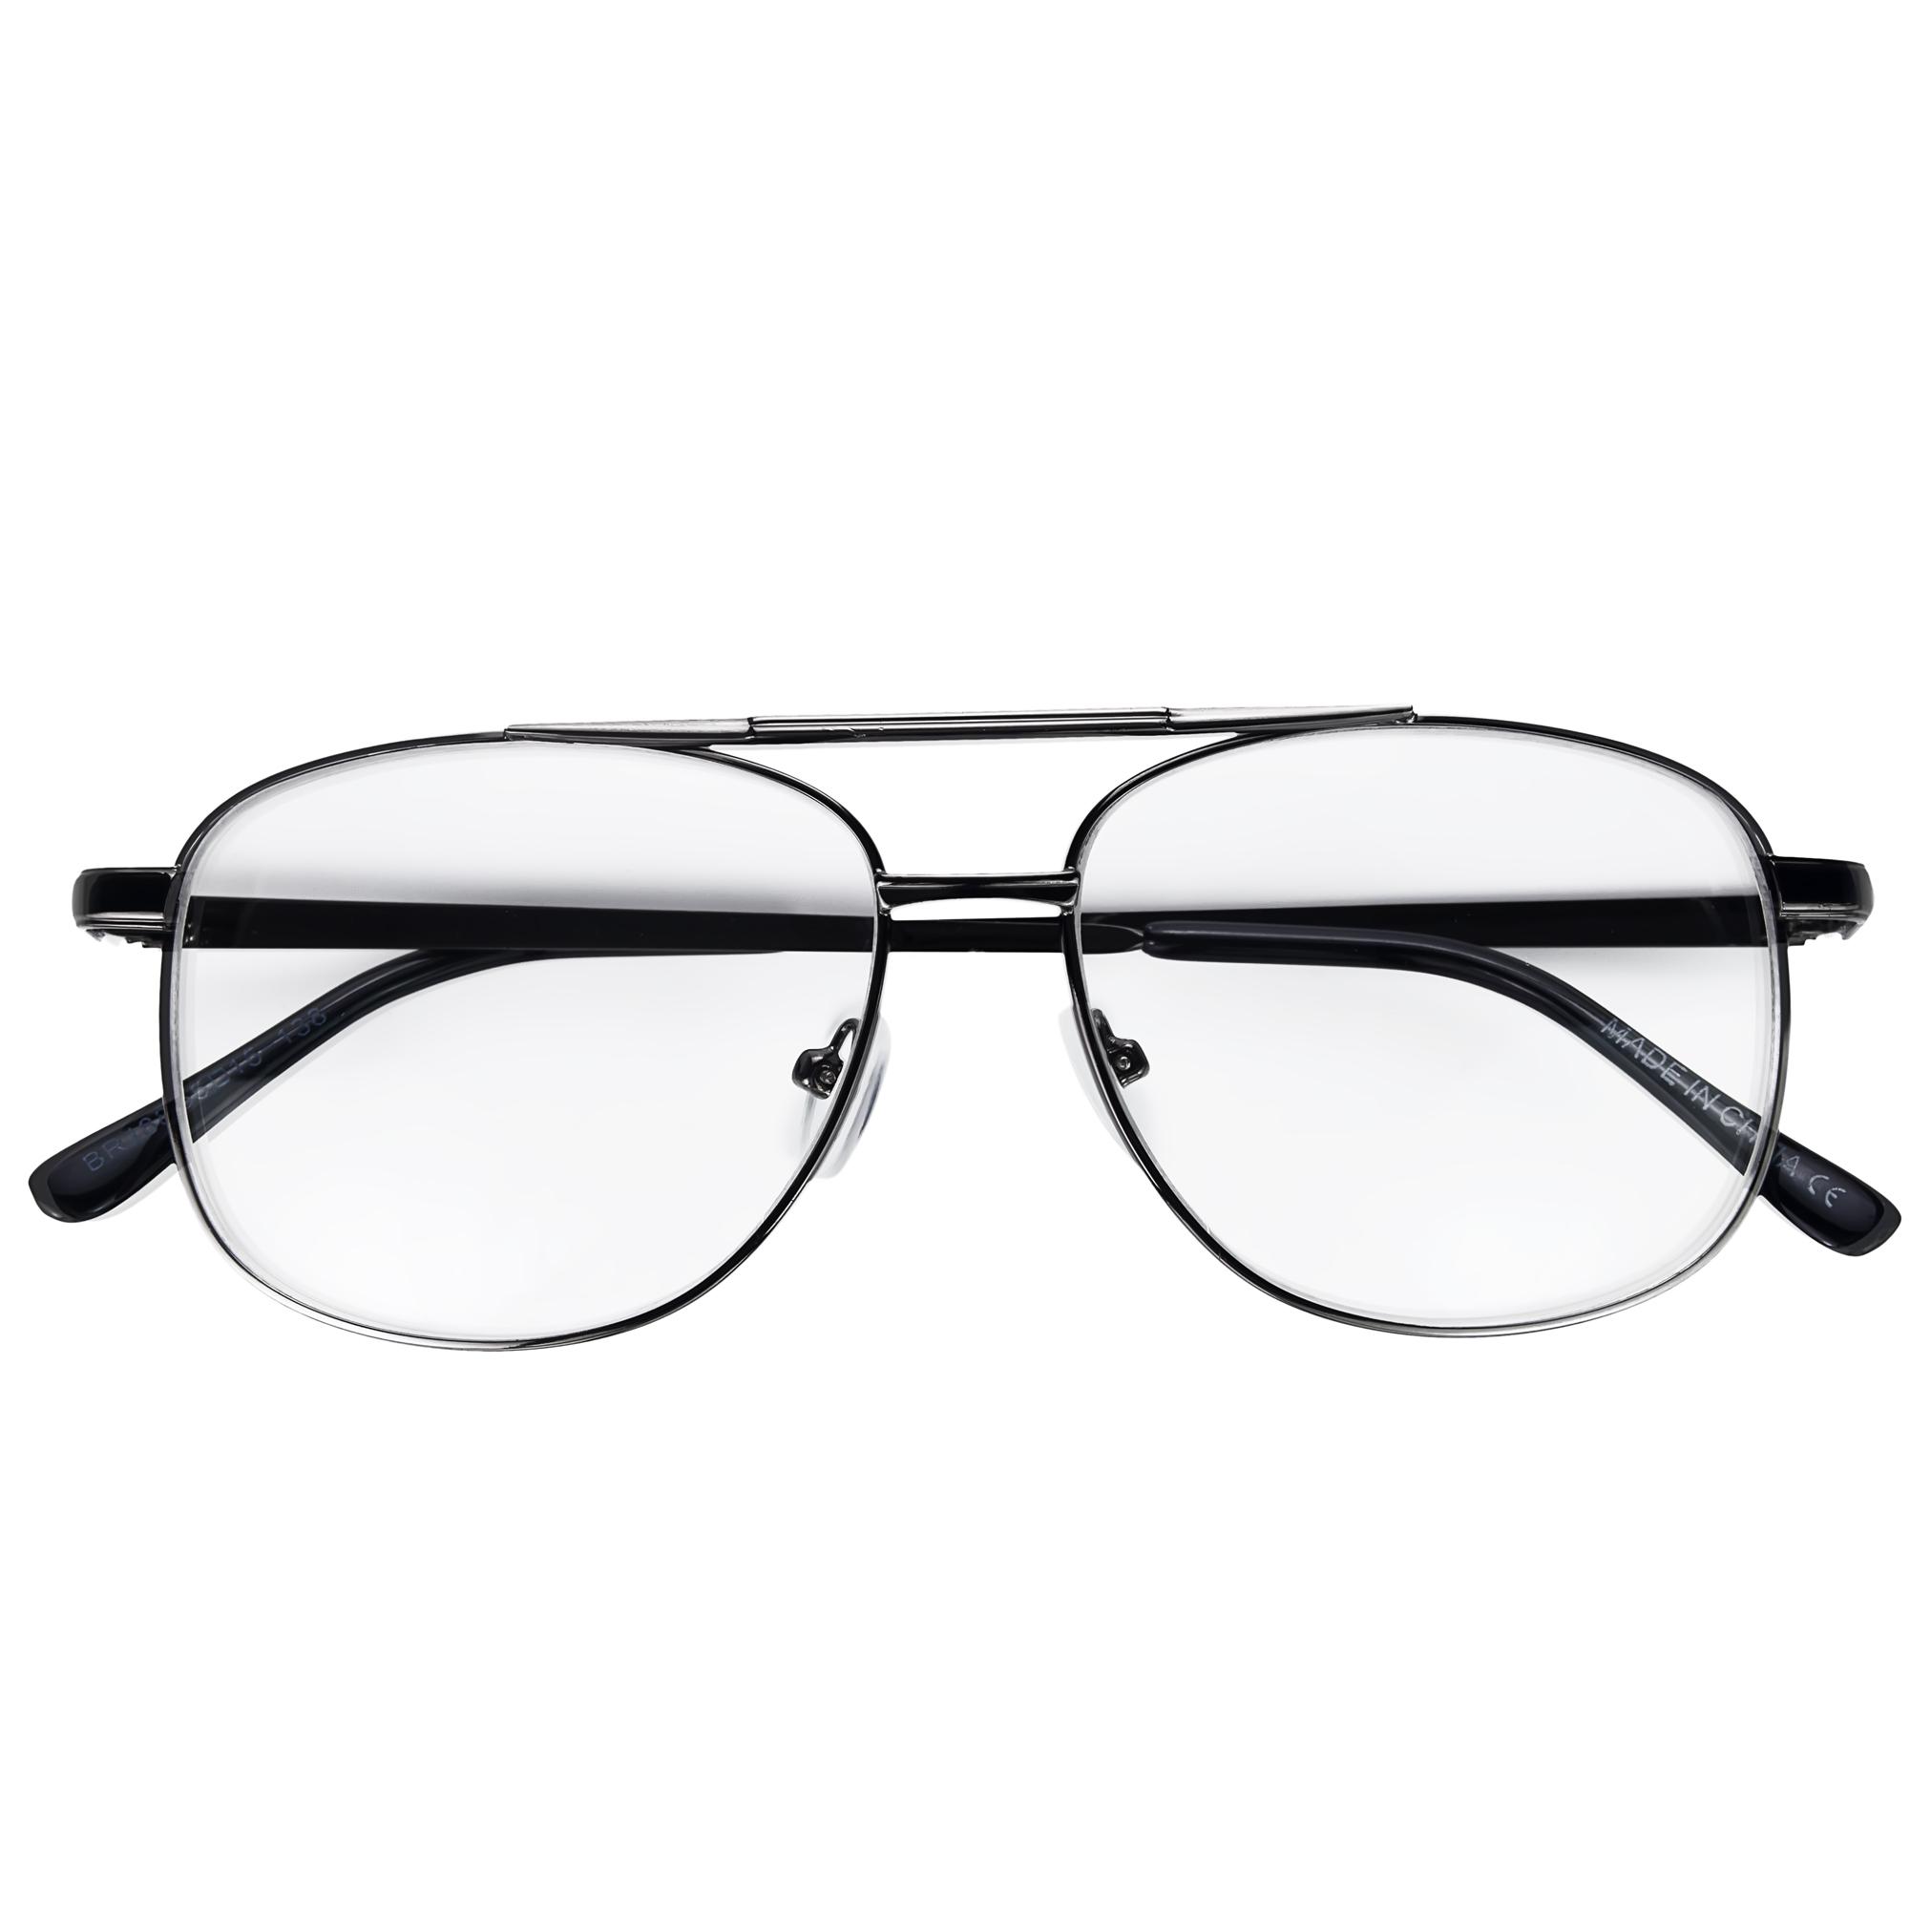 440fb53f44 Bifocal Reading Glasses UK